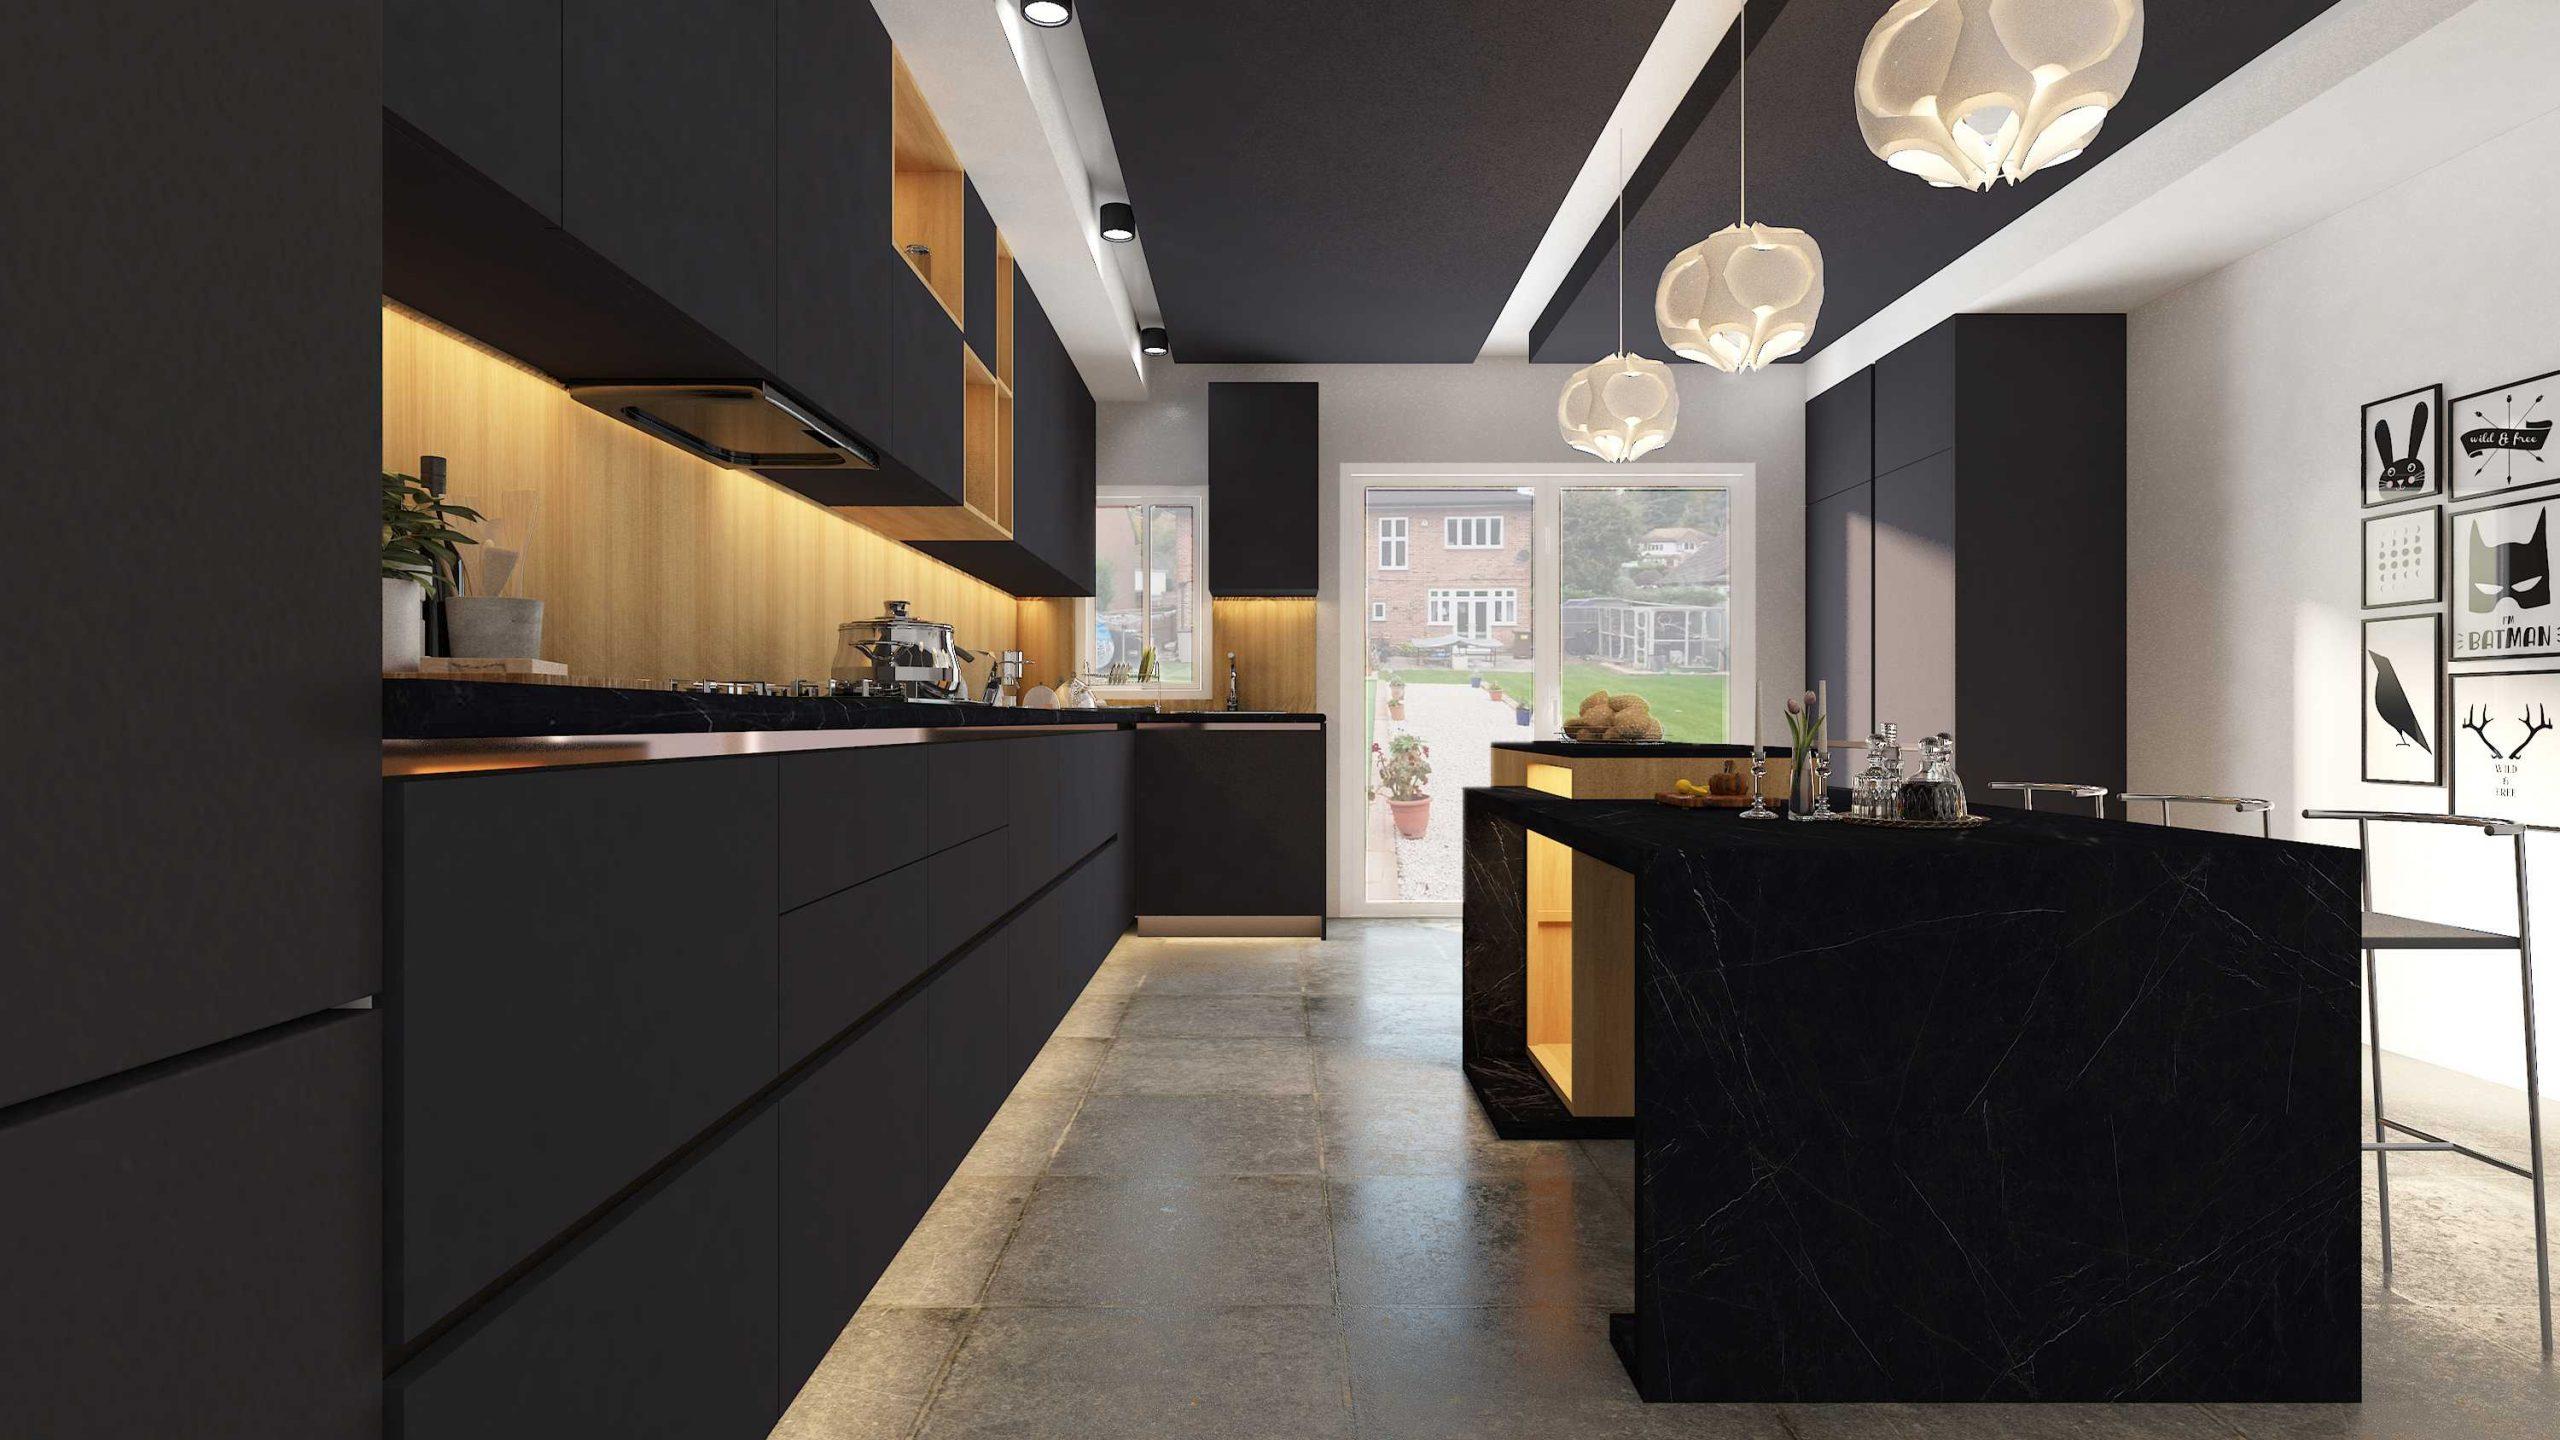 clifford kitchen